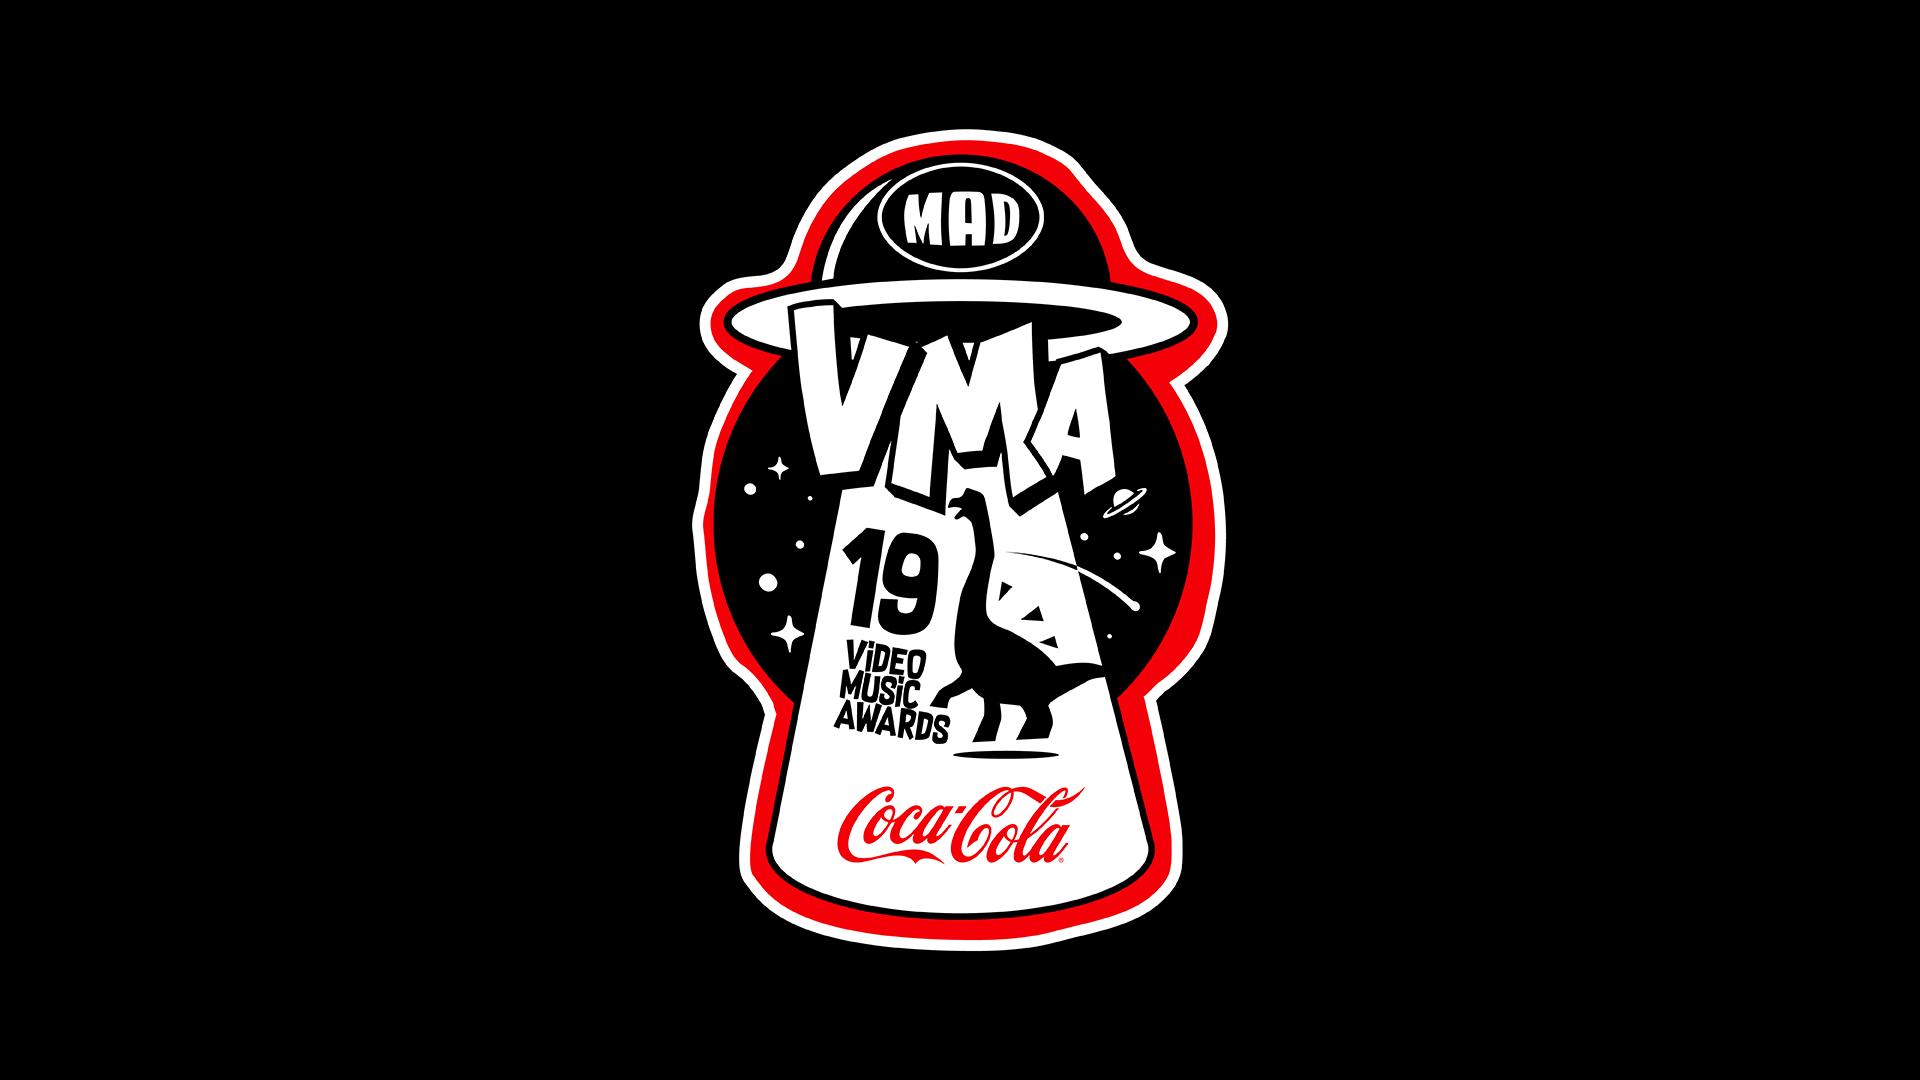 MAD VMA 2019 : résumé de la soirée